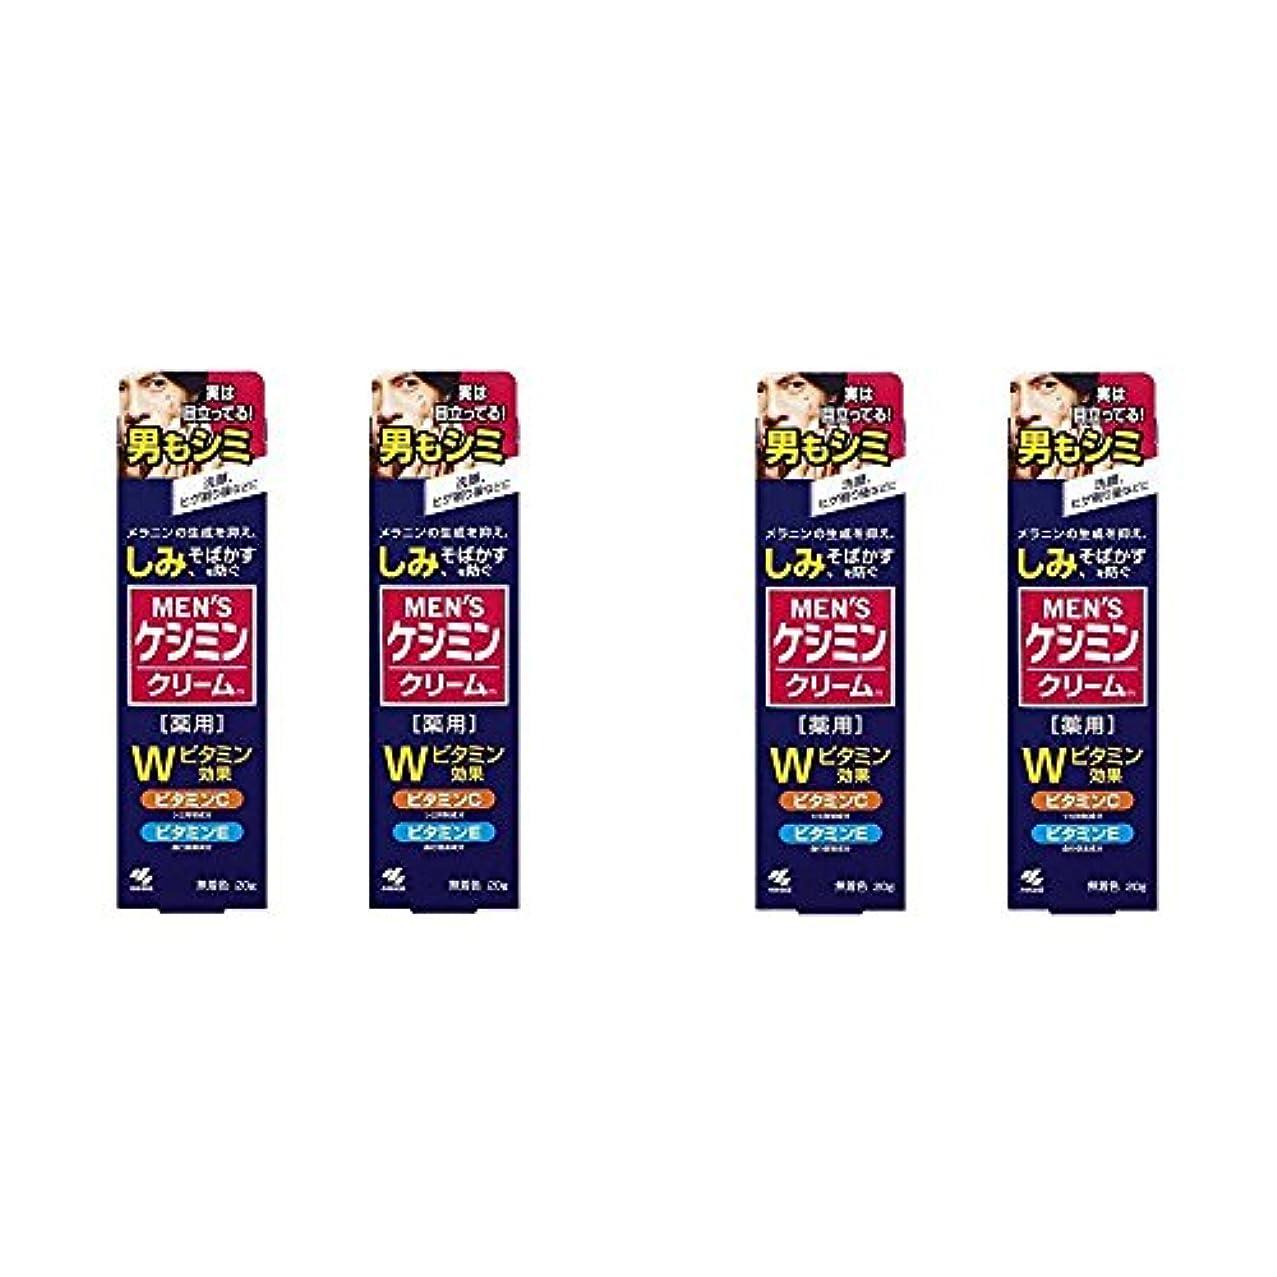 【セット品】メンズケシミンクリーム 男のシミ対策 20g (4個)